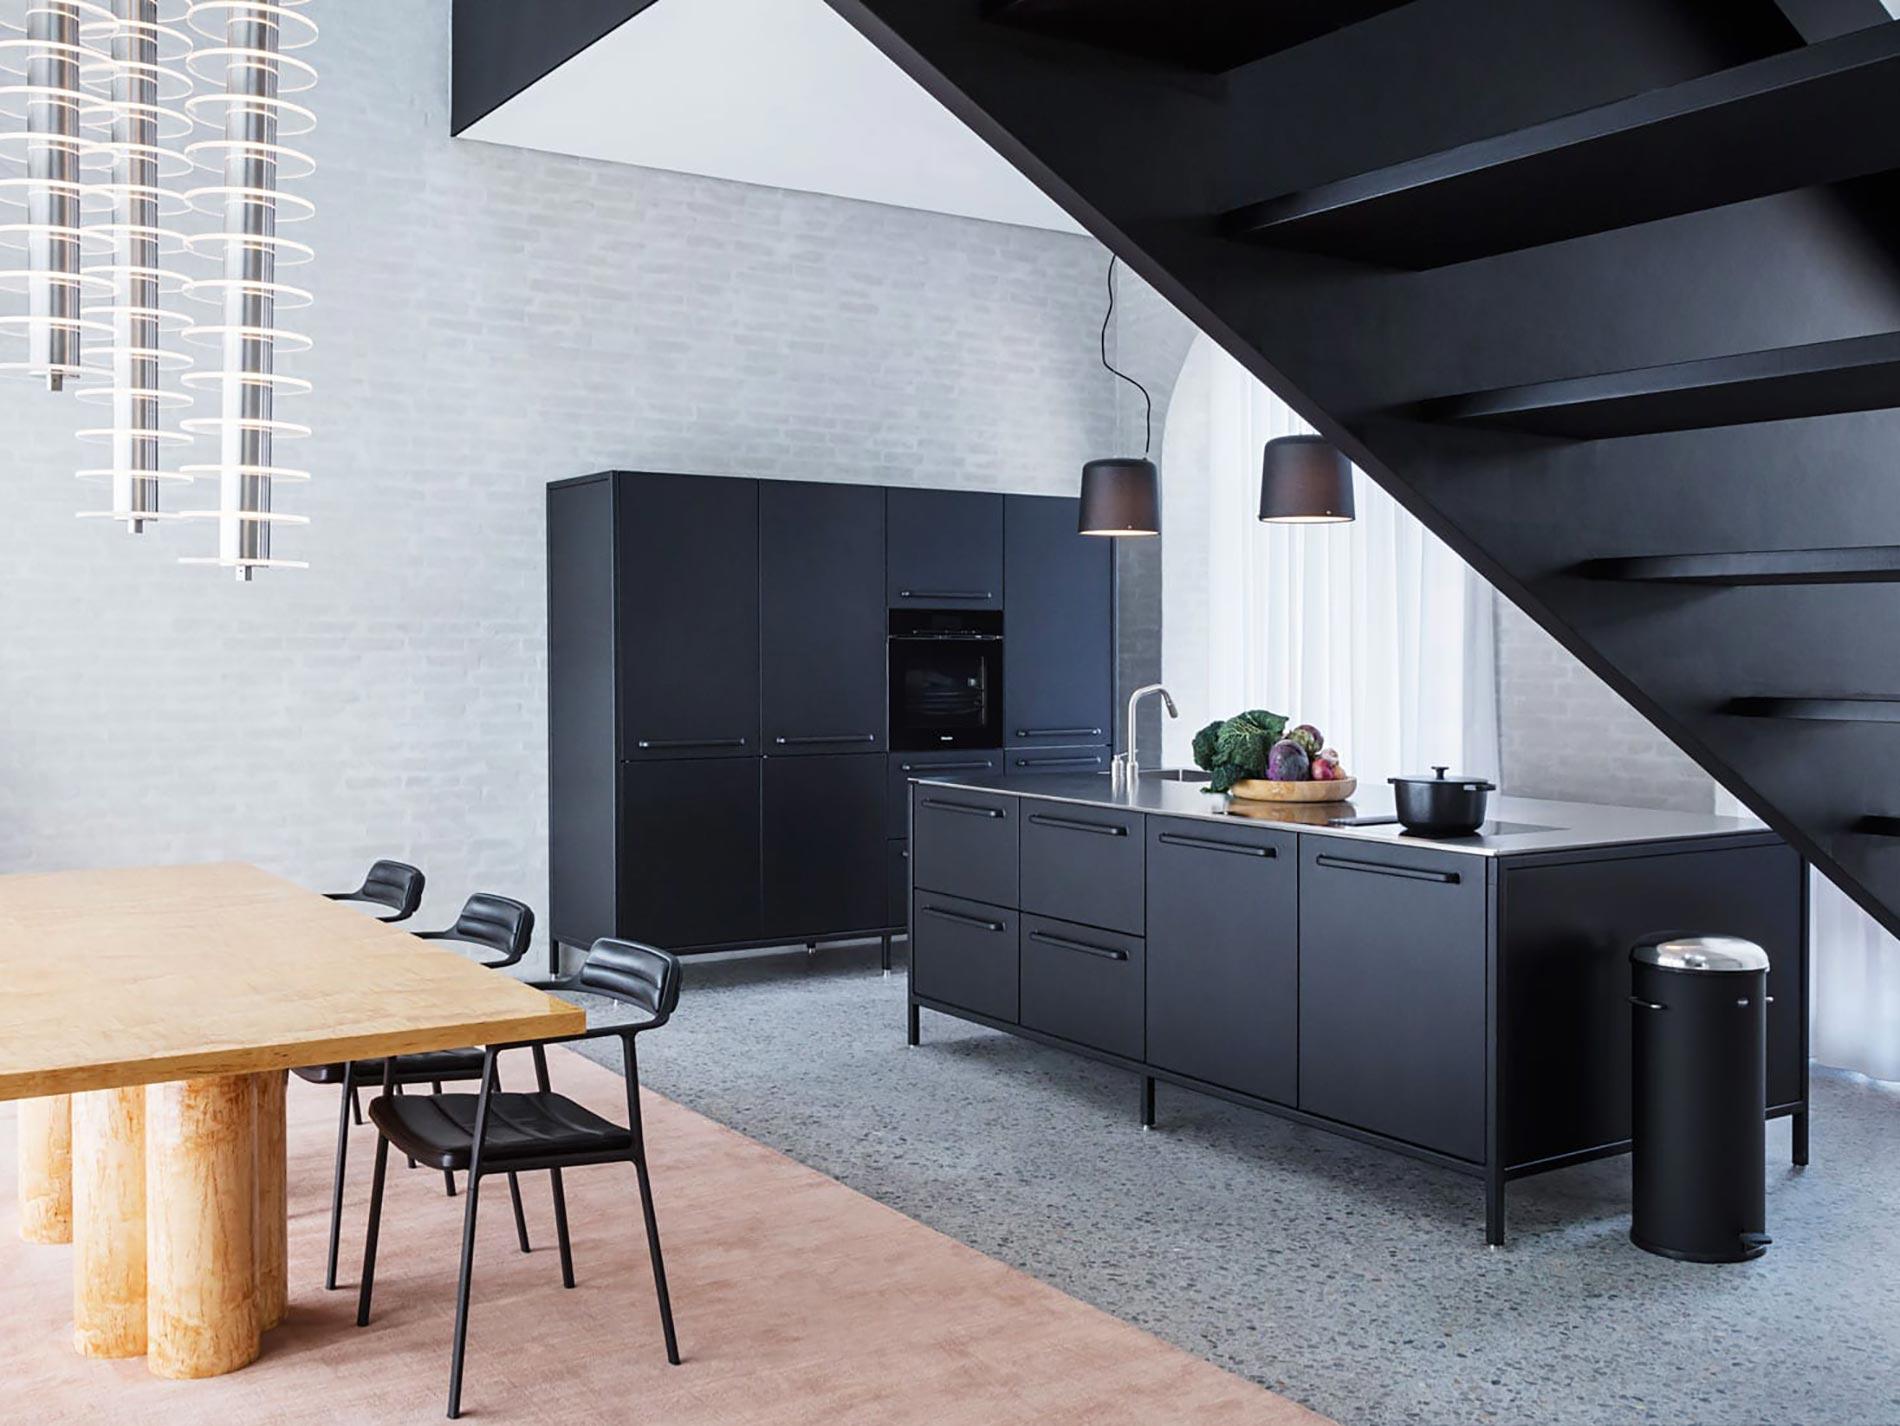 vacanza di design a copenhagen cucina cover